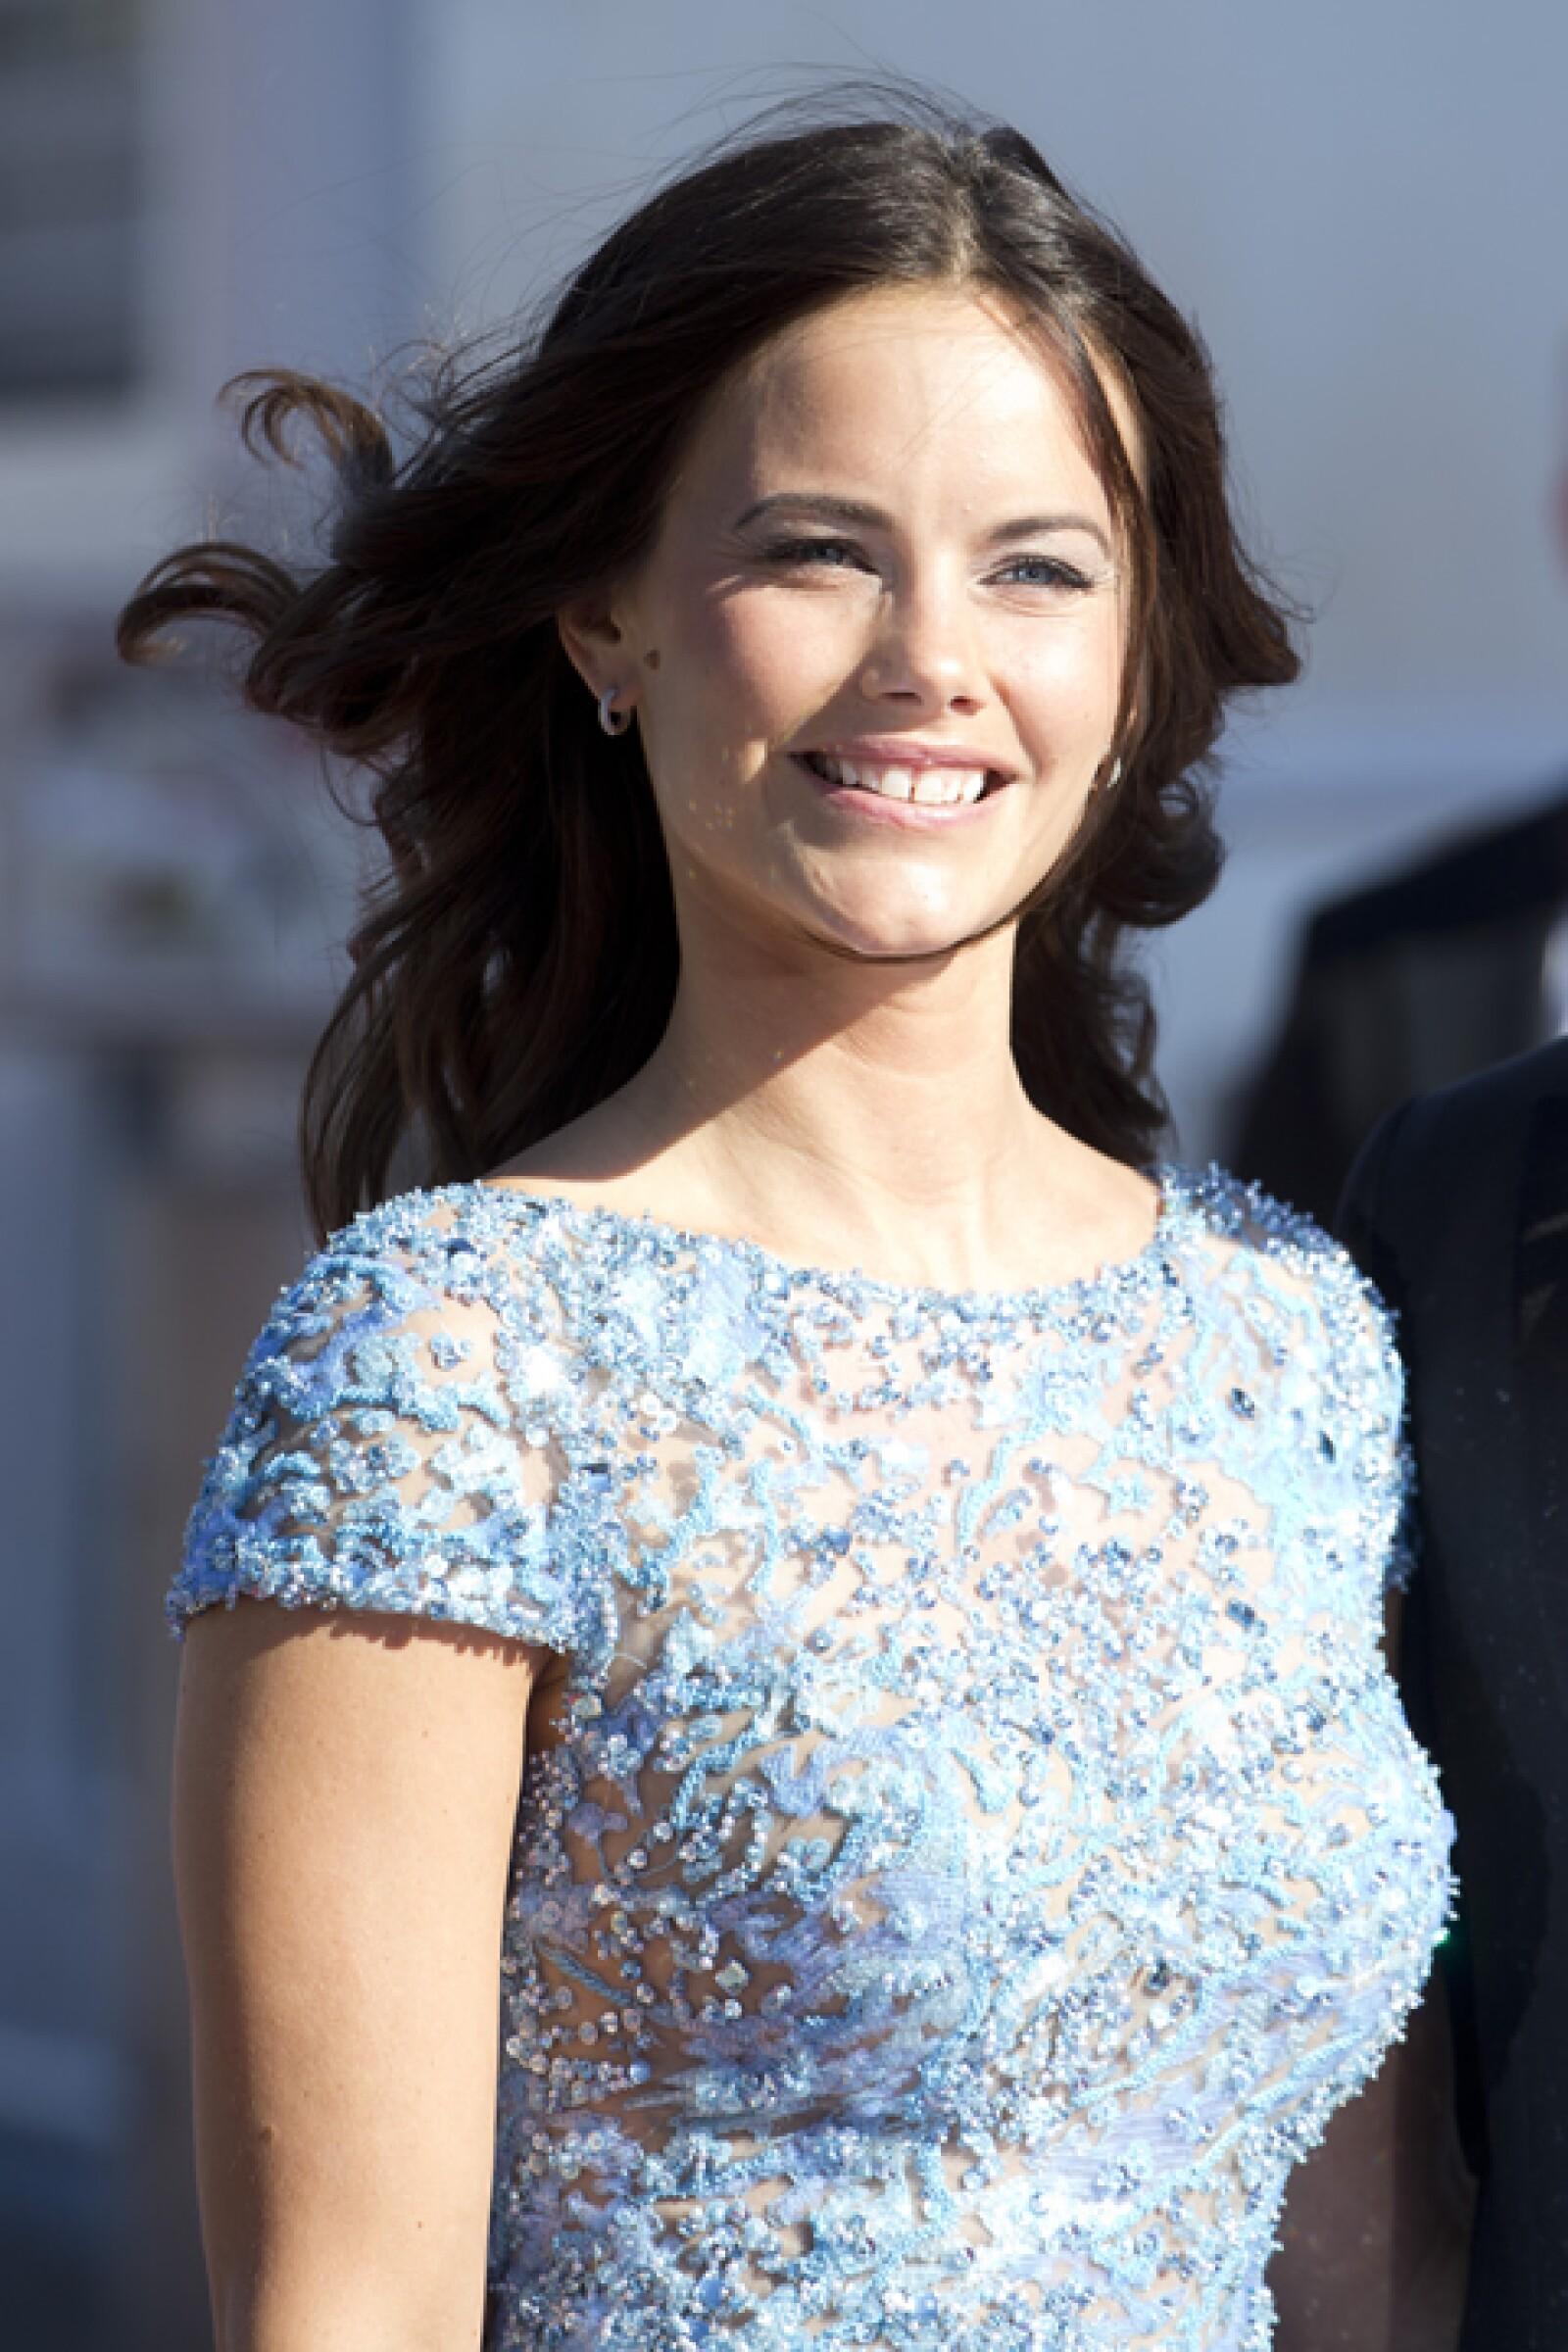 Ella es la princesa Sofia de Suecia y duquesa de Värmland por su matrimonio con el príncipe Carl Philip de Suecia y duque de Värmland.